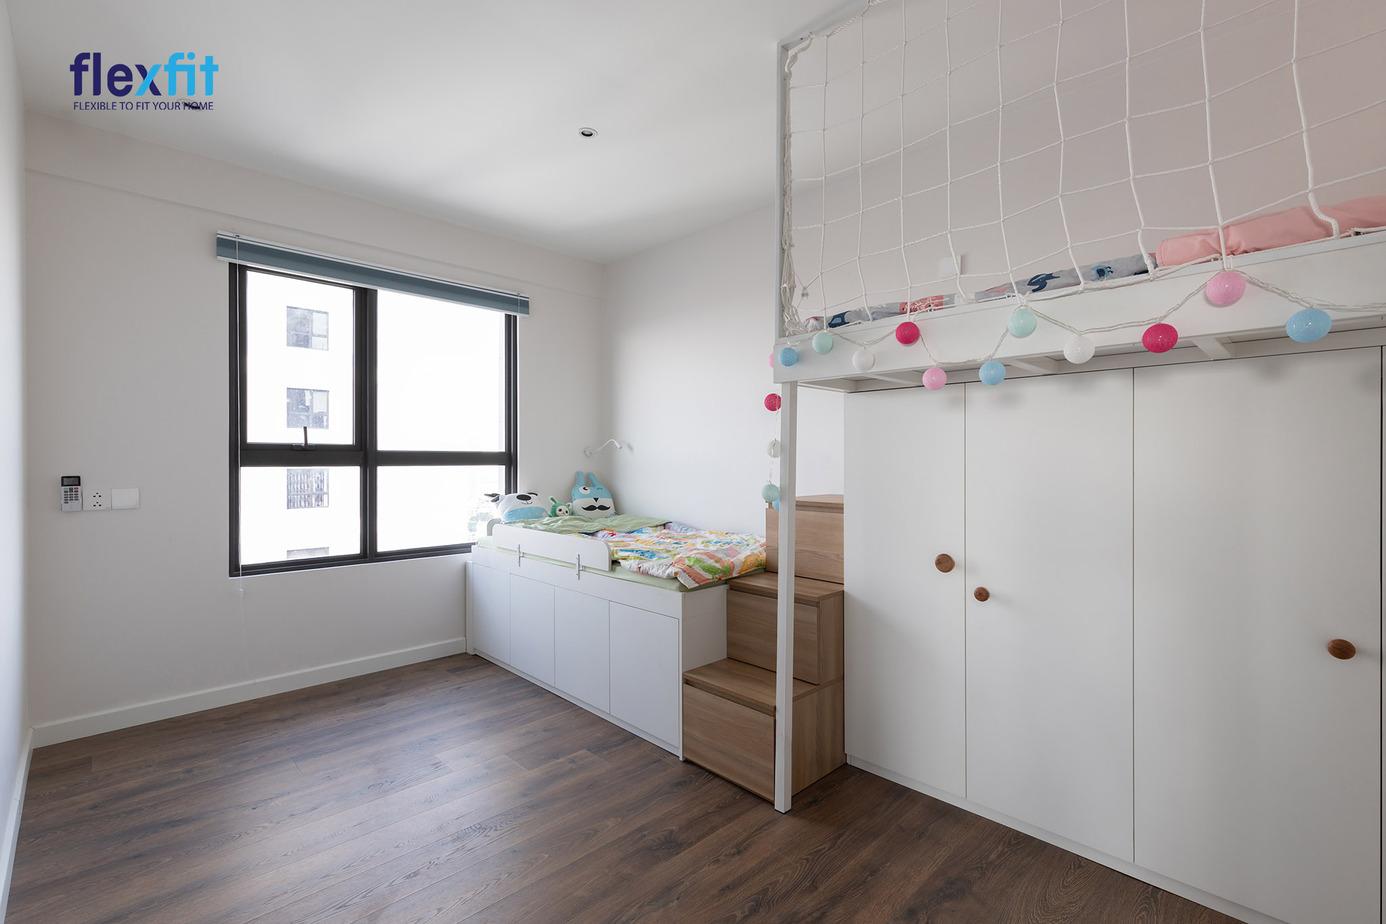 Mẫu giường tầng này được thiết kế lưới chắn chắc chắn nhưng không quá cứng nhắc giúp giường ngủ trở nên hiện đại, tinh tế hơn.